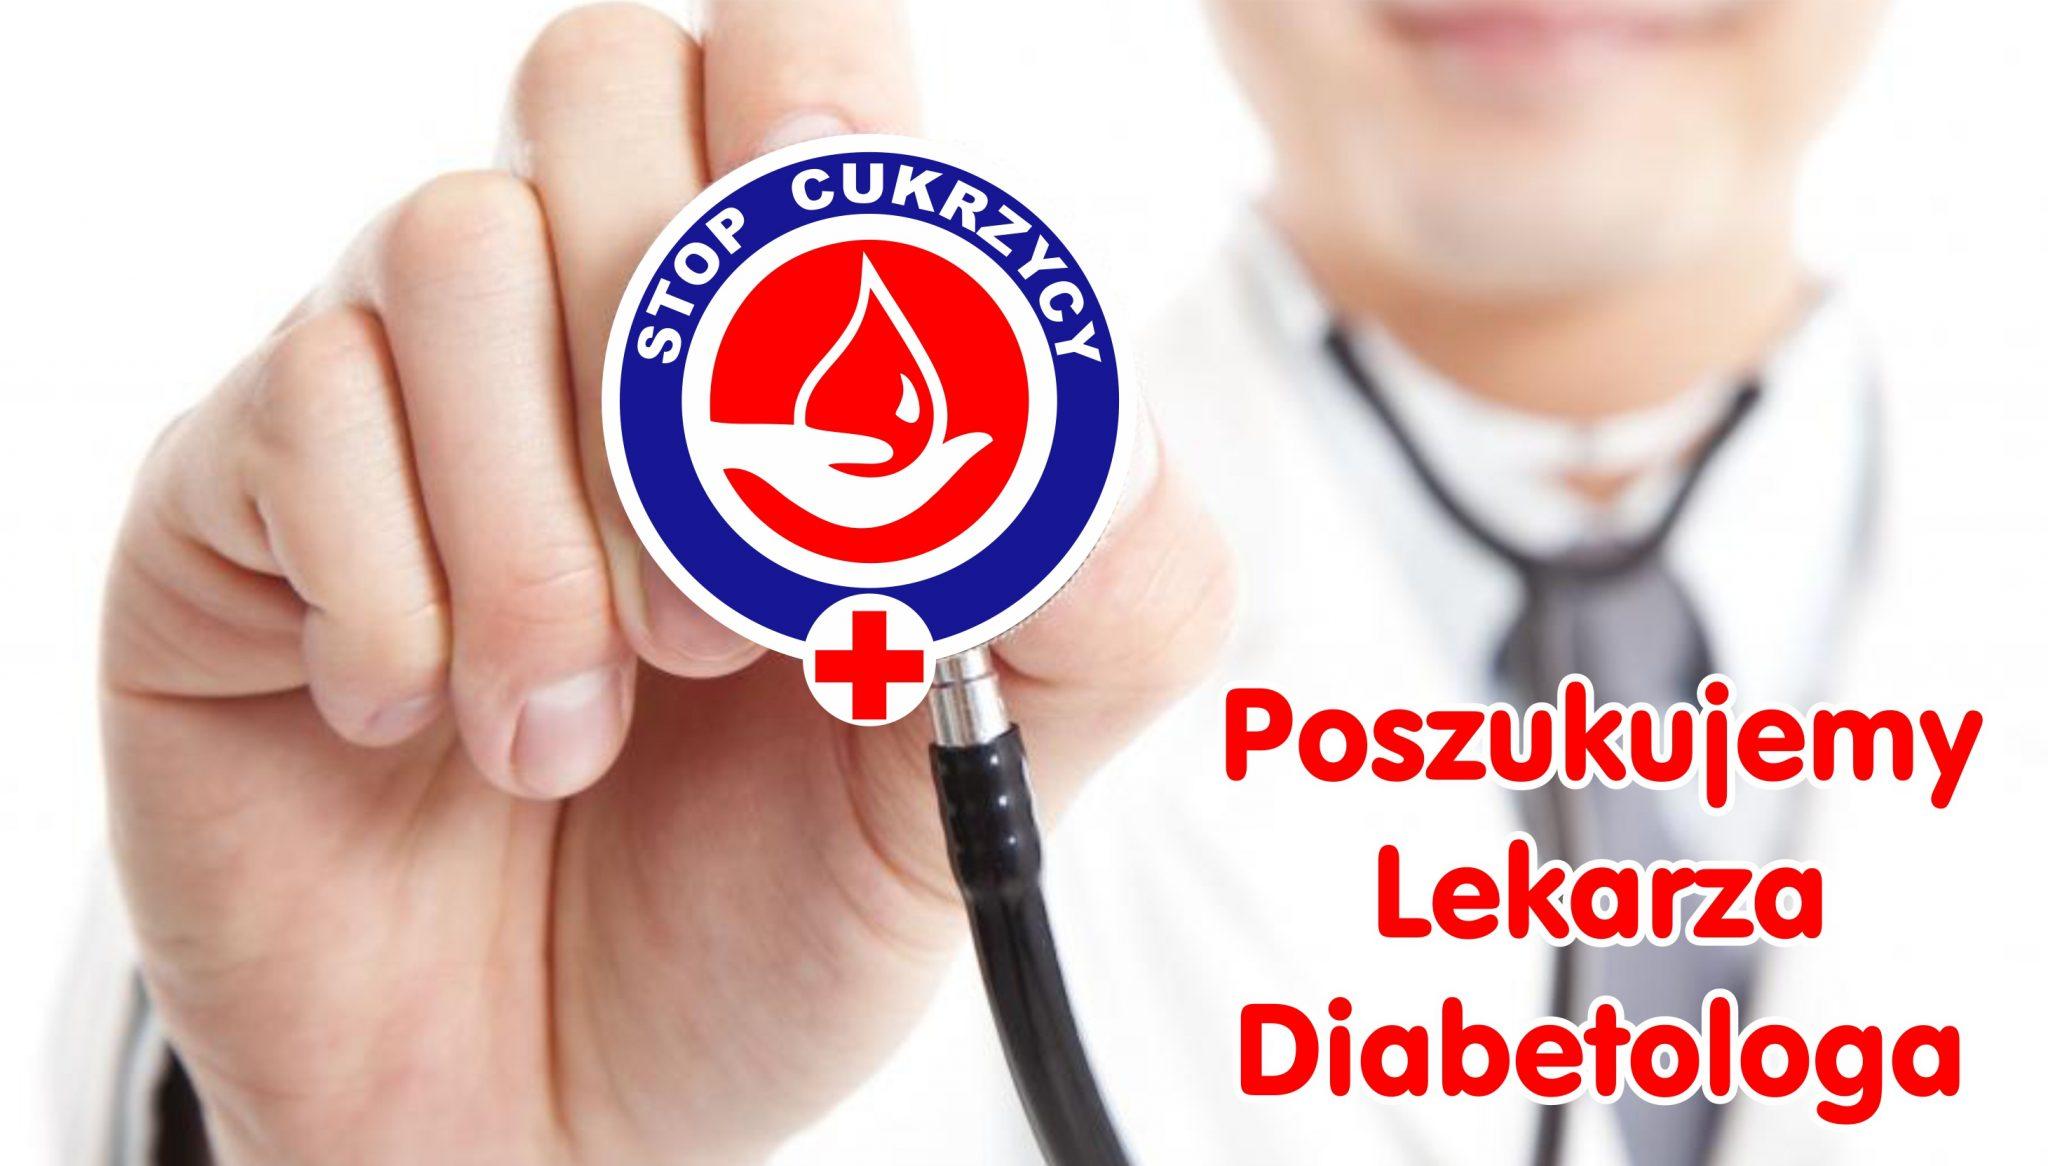 Poszukujemy  Lekarza Diabetologa